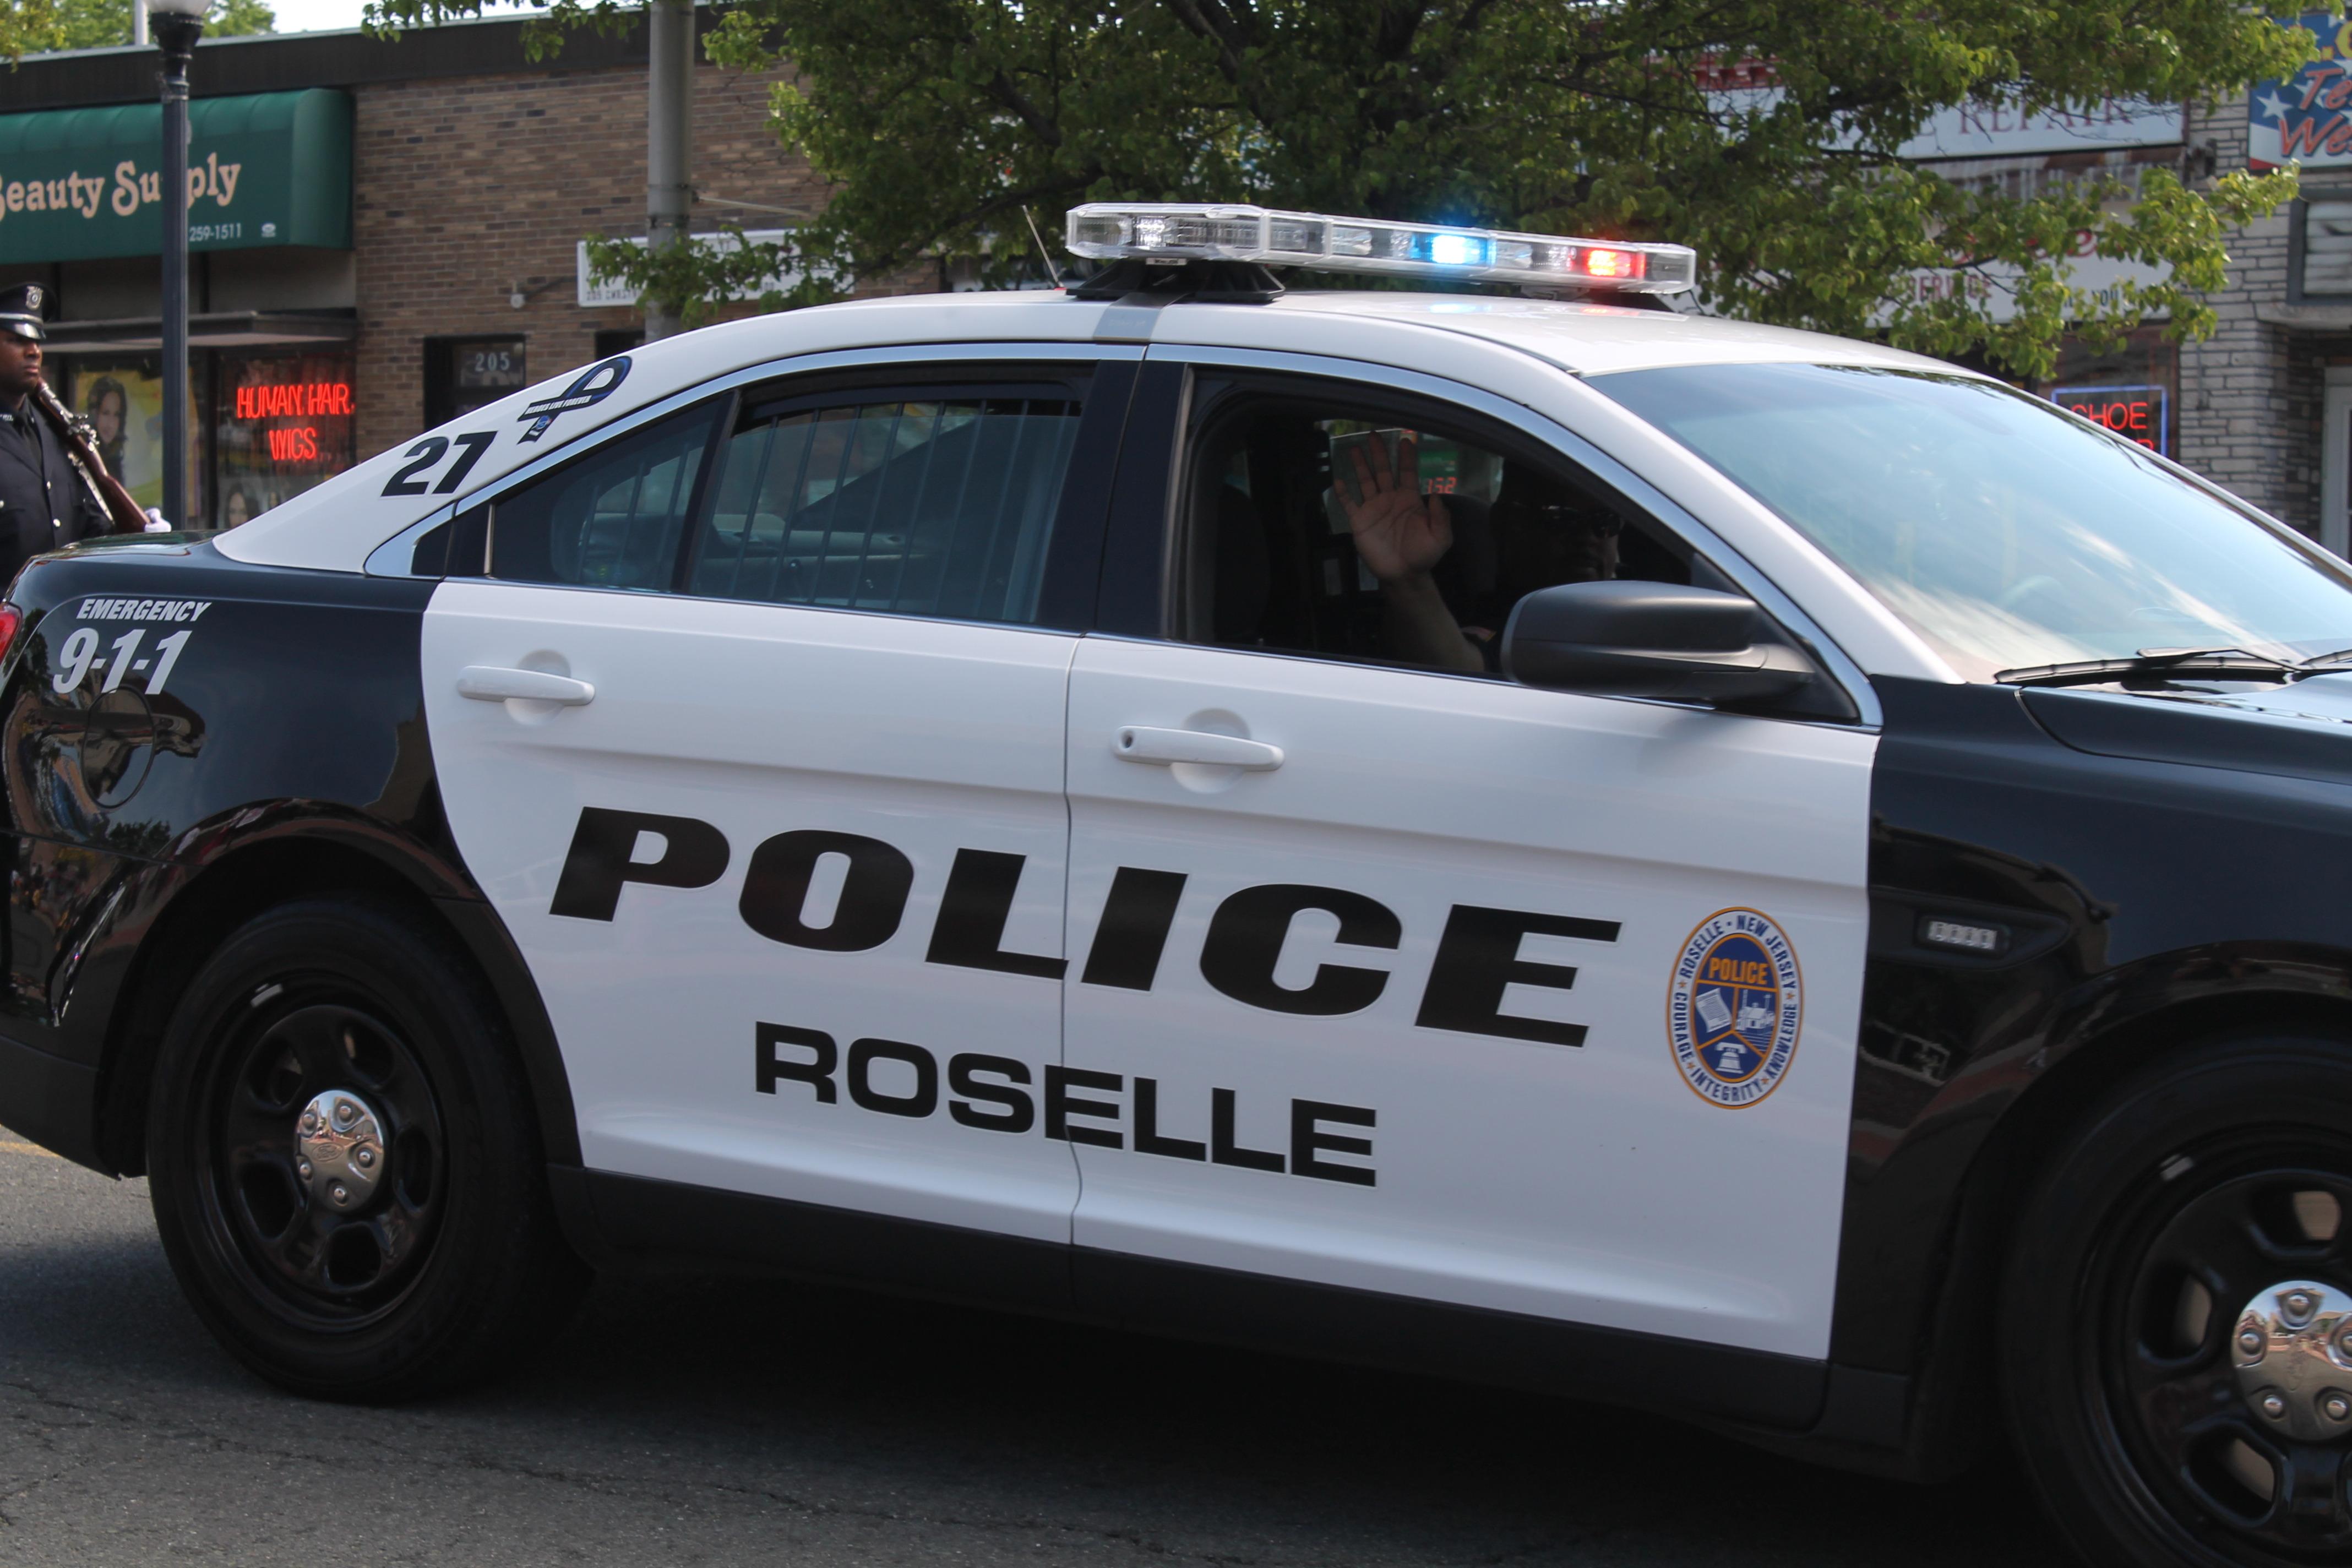 603e281b71ba0c9991d3_Roselle_Police_copy.JPG